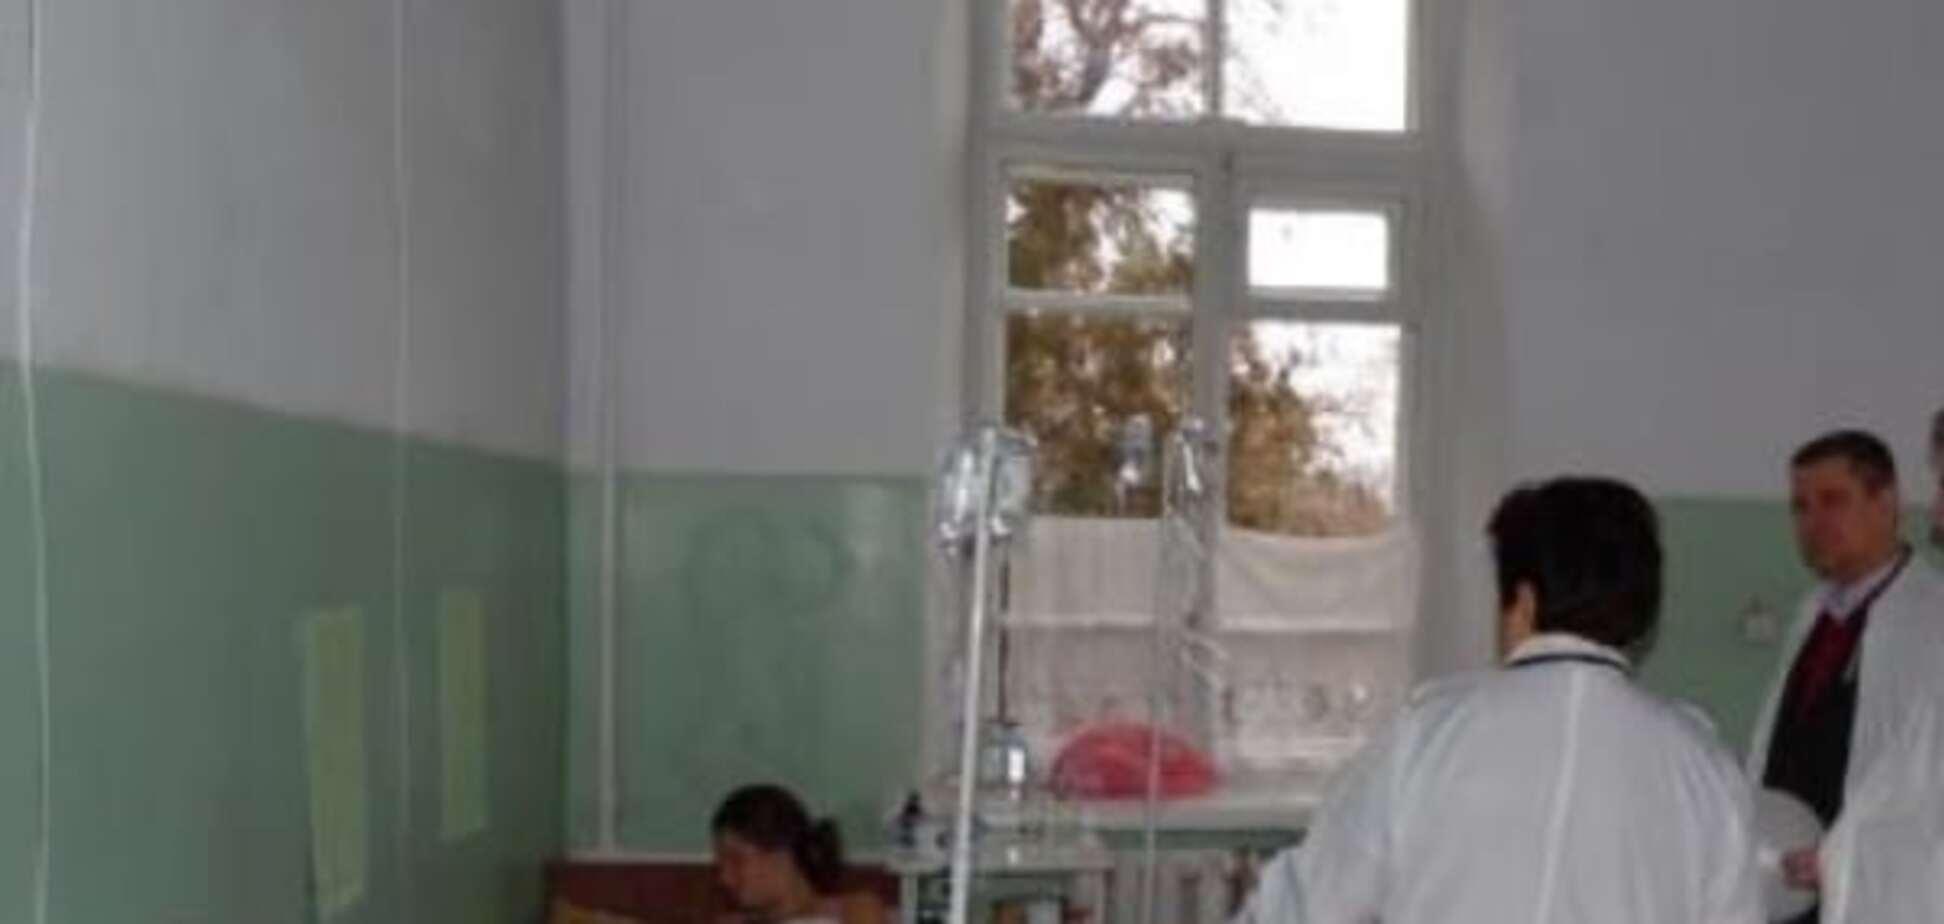 Підступні солодощі: на Одещині 27 осіб отруїлися еклерами